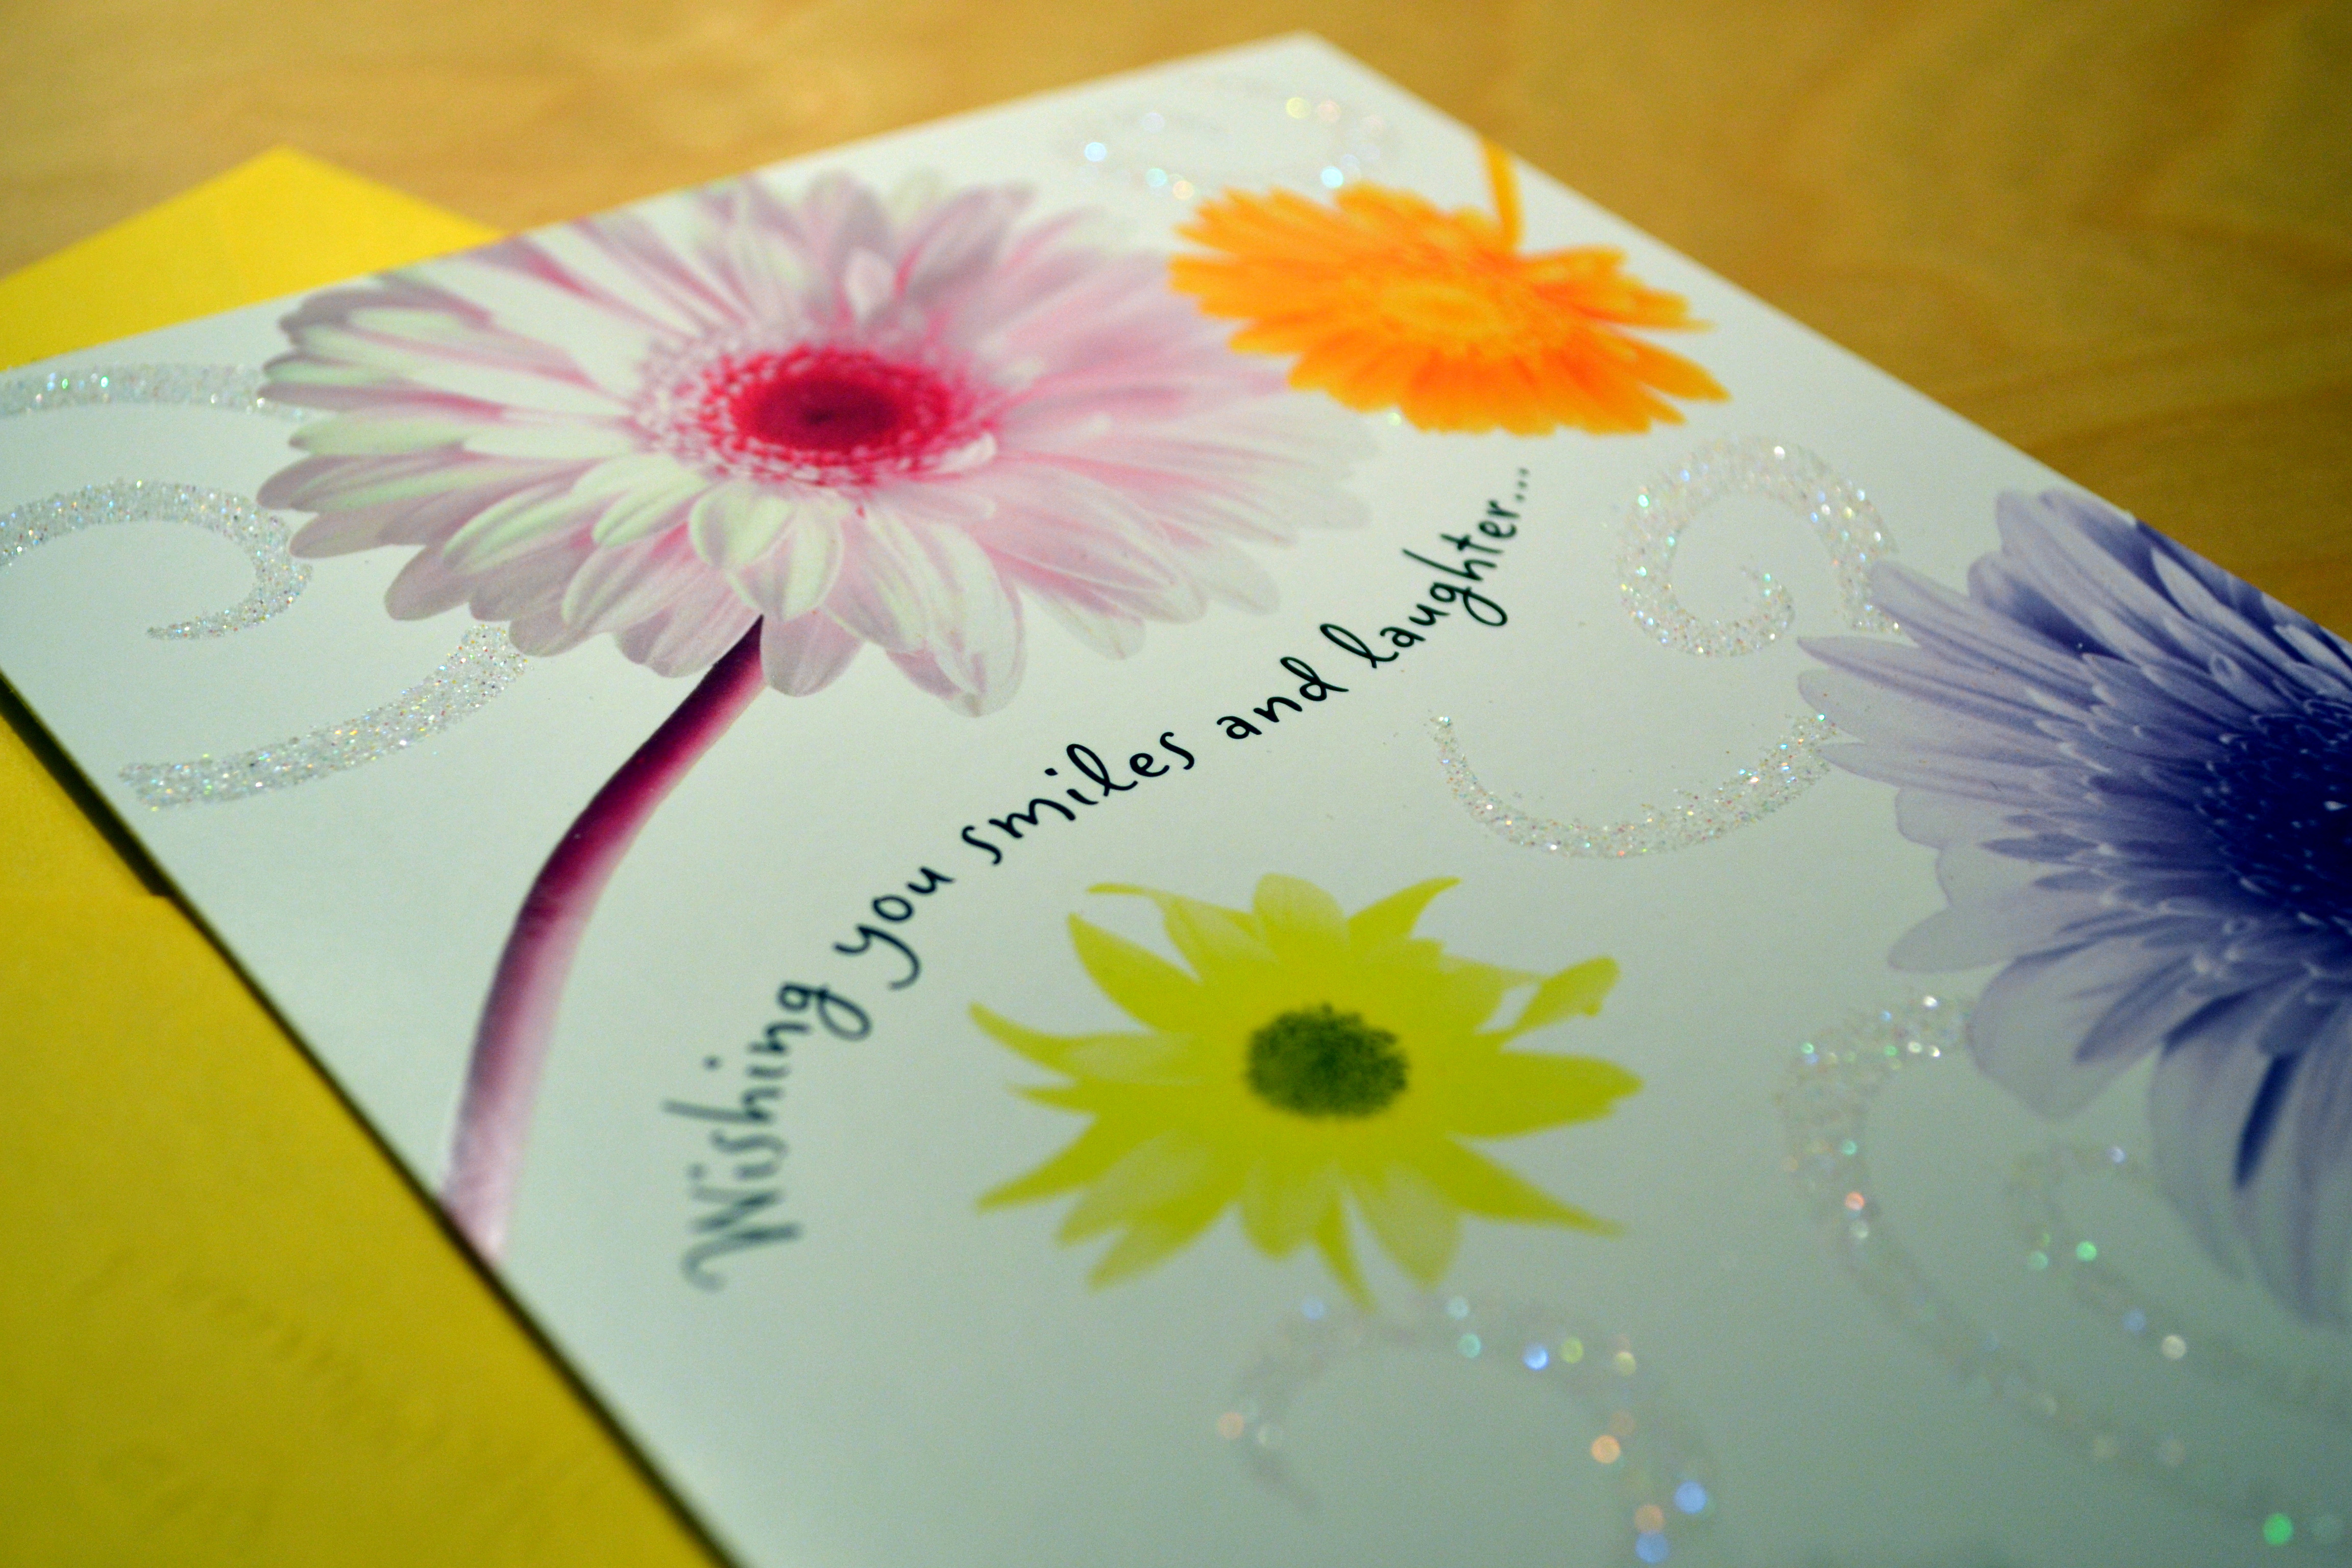 Best ideas about Birthday Wish Hallmark . Save or Pin Happy birthday wishes hallmark Now.